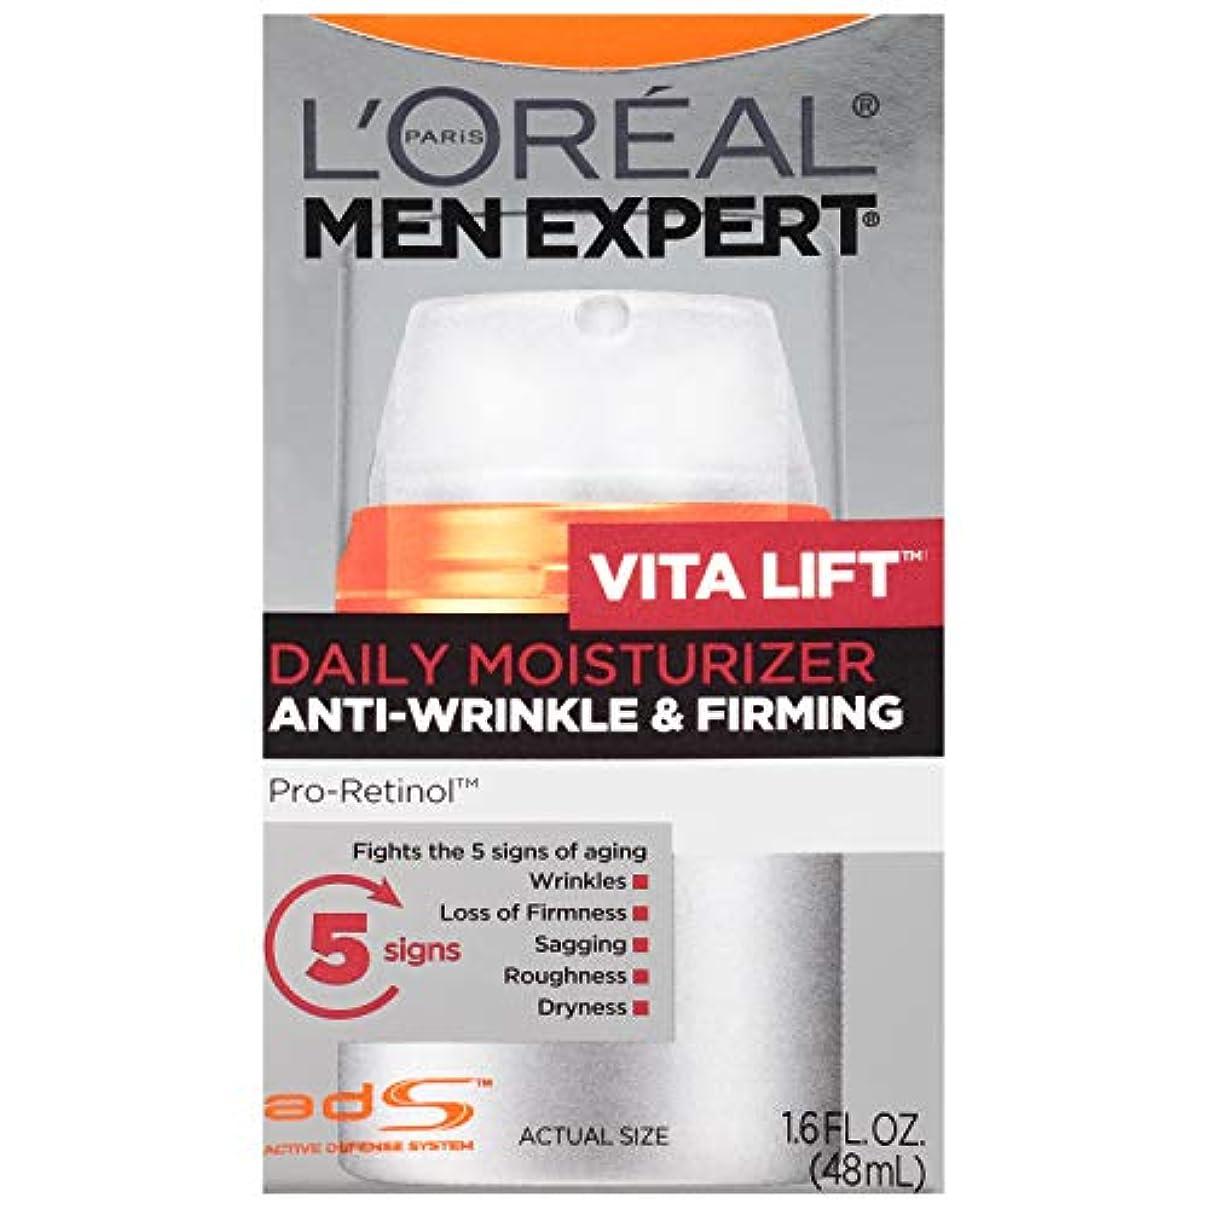 ウェイド添加剤その後Men's Expert L'Oreal Paris Vita Lift Anti-Wrinkle & Firming Moisturizer, 1.6 Ounces